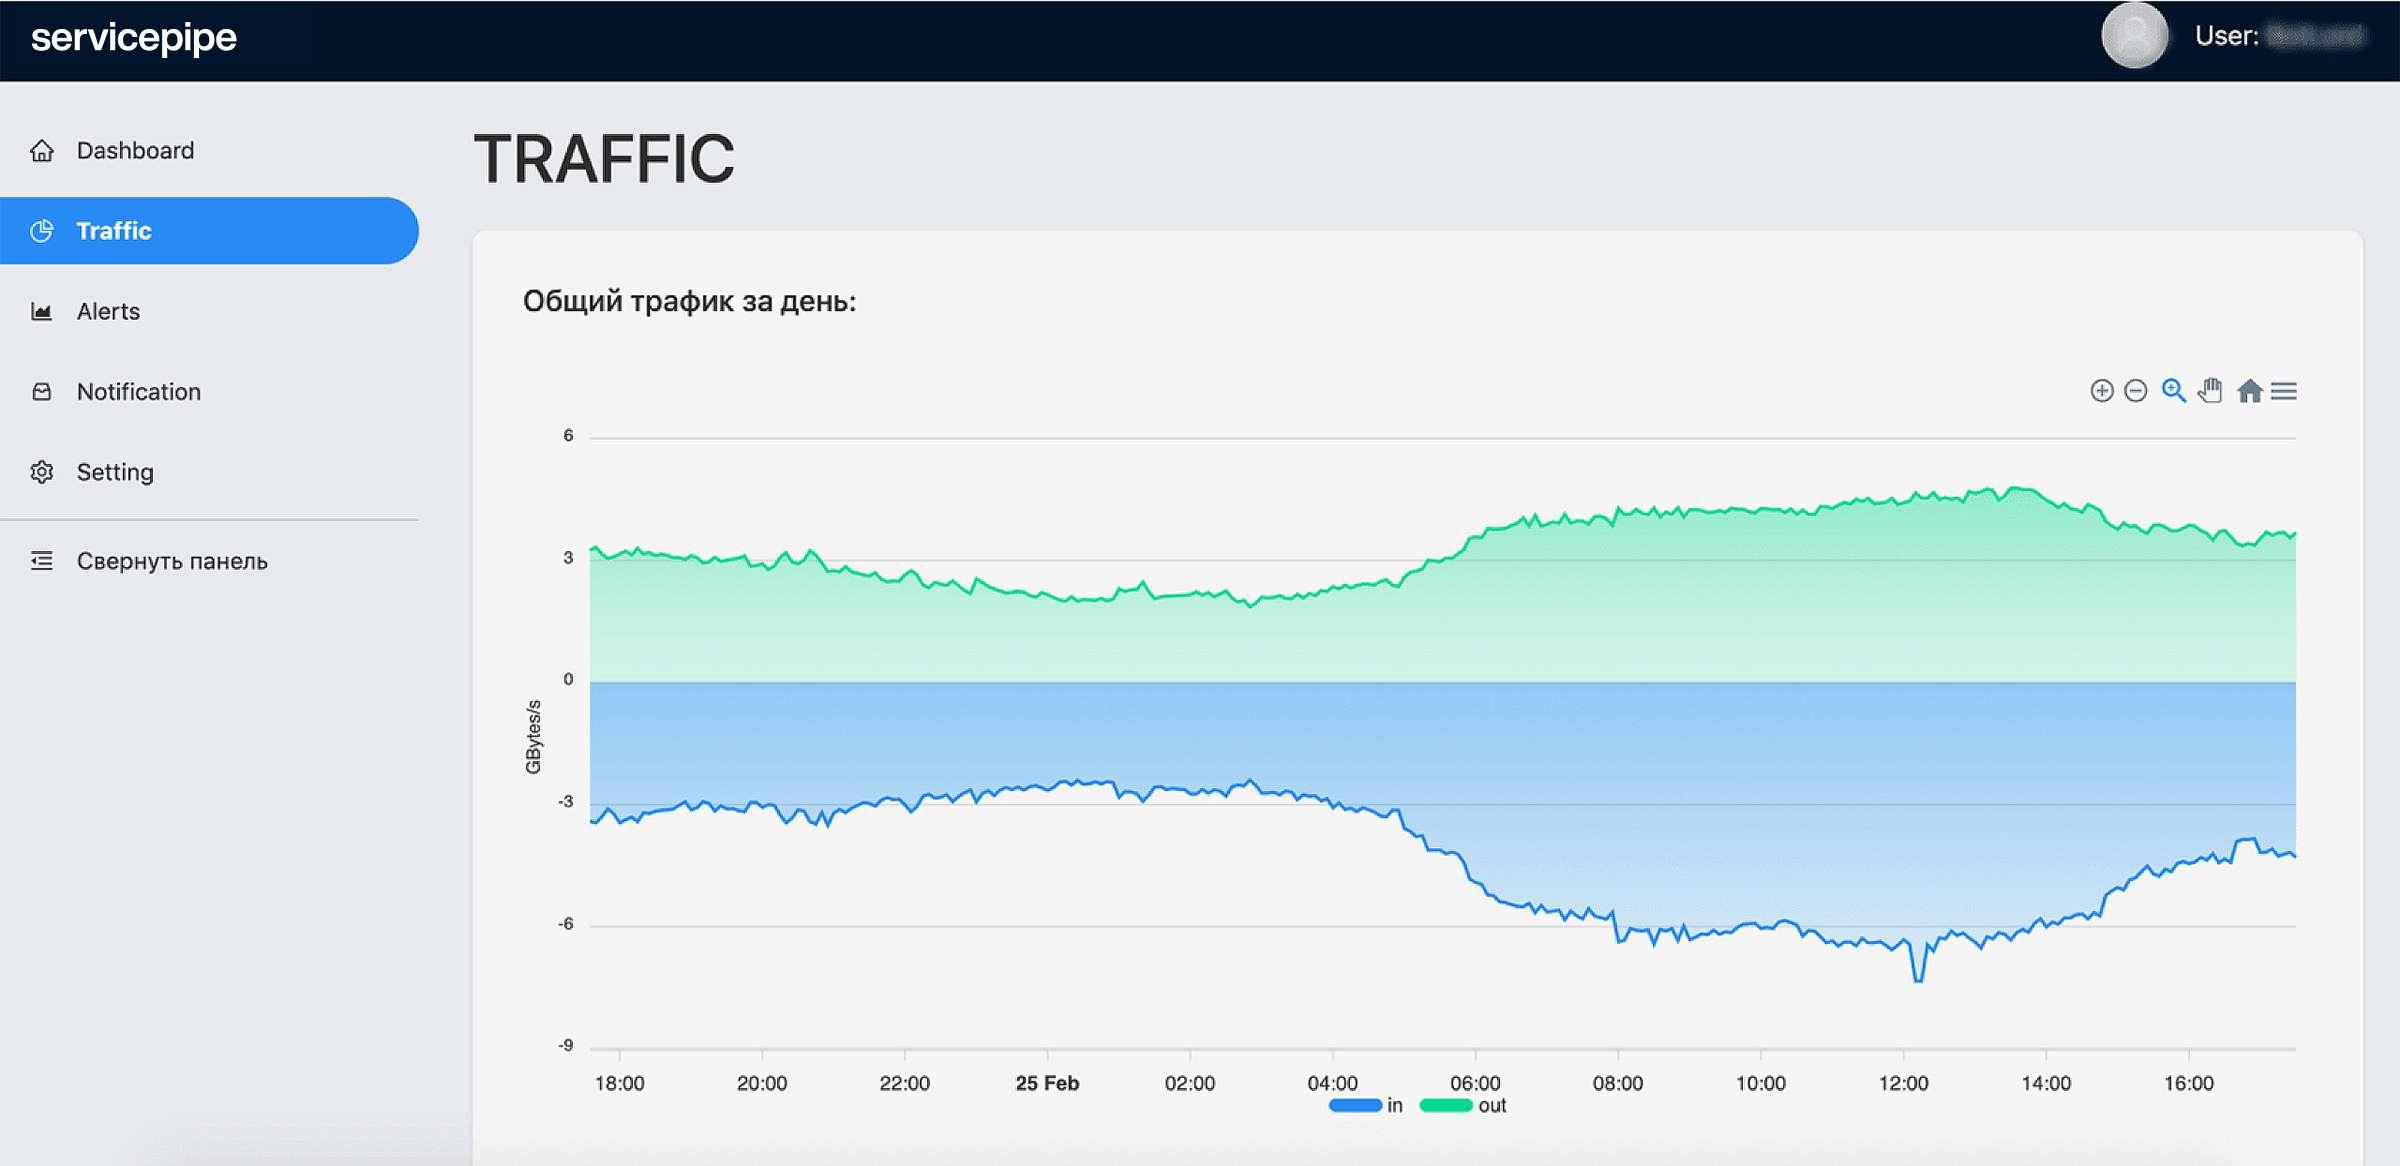 Подробная статистика по трафику